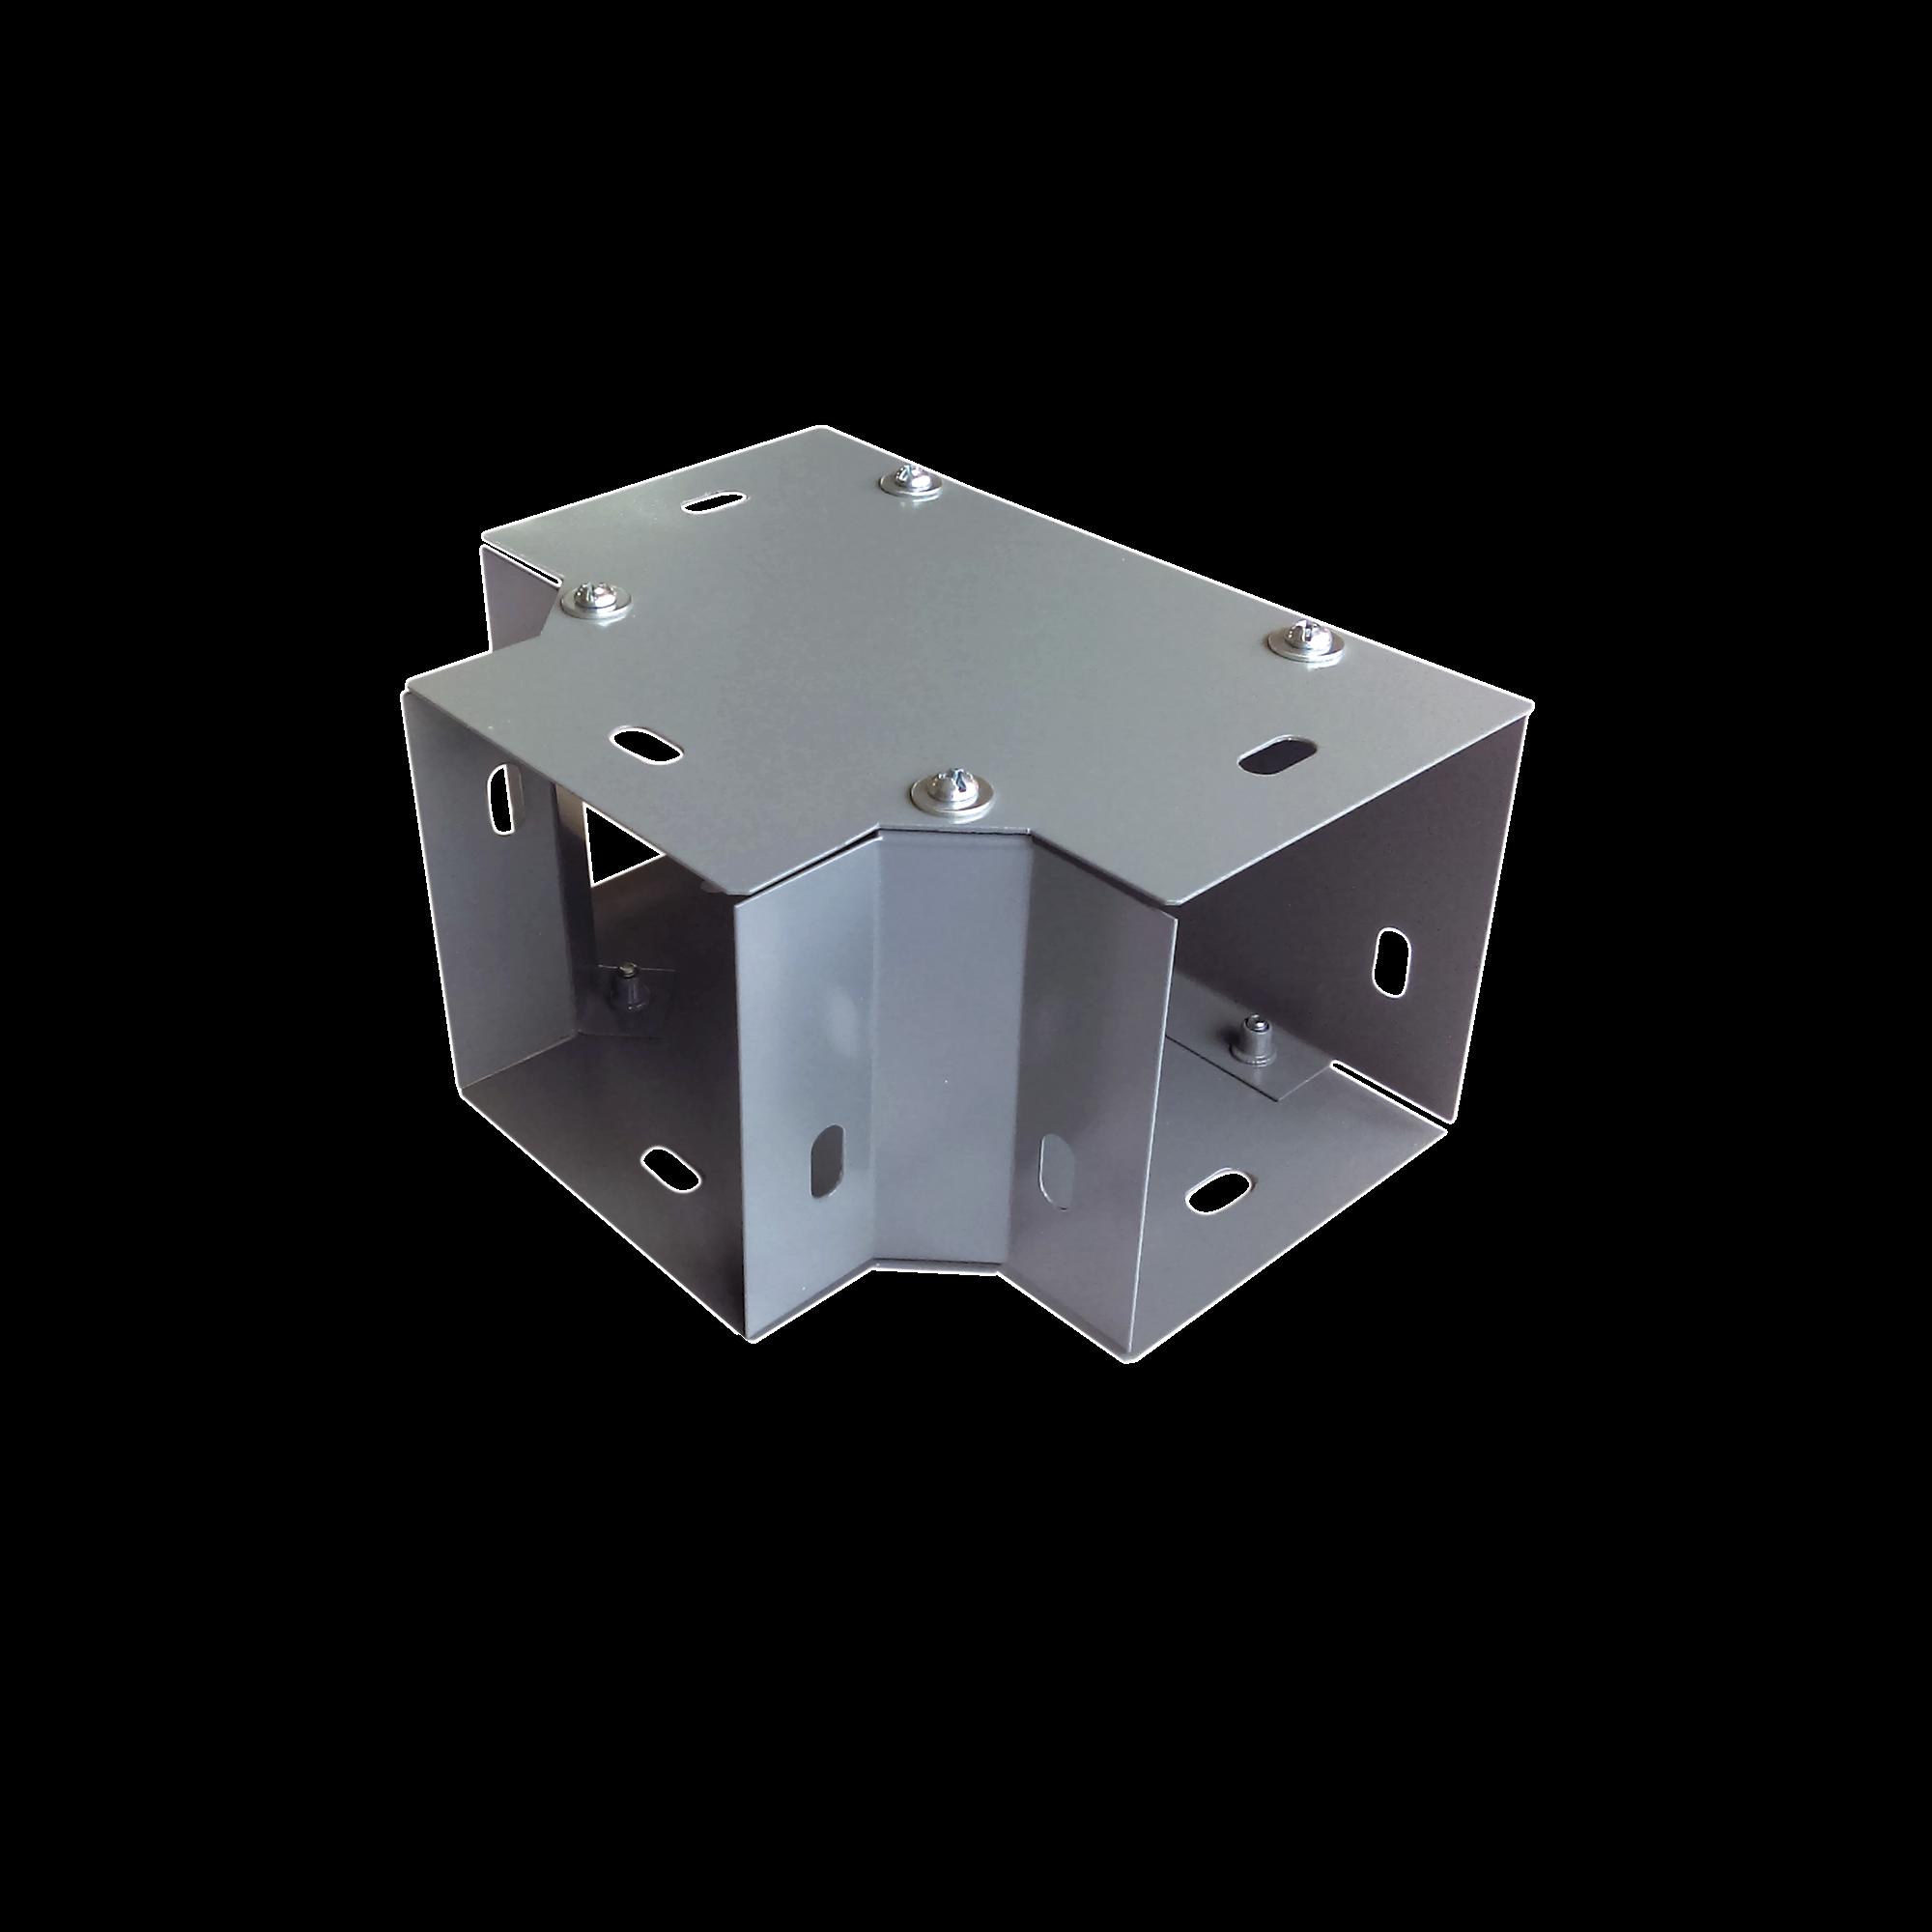 Derivación T horizontal 65 x 65 mm, fabricado en lámina de acero al carbón